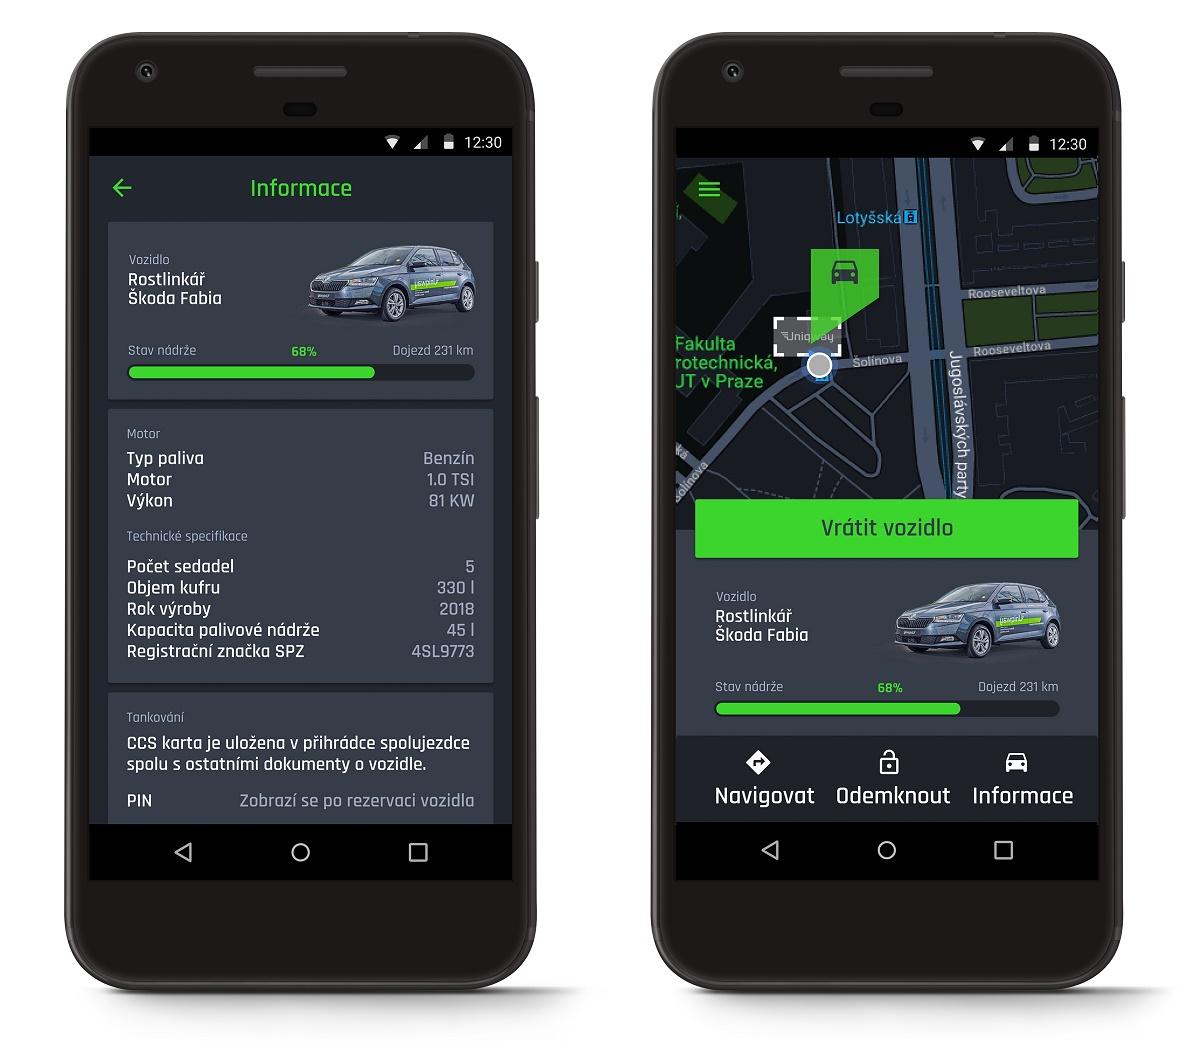 Kromě vyhledávání volných vozidel nabízí aplikace také přehled technických specifikací vozu nebo stav nádrže